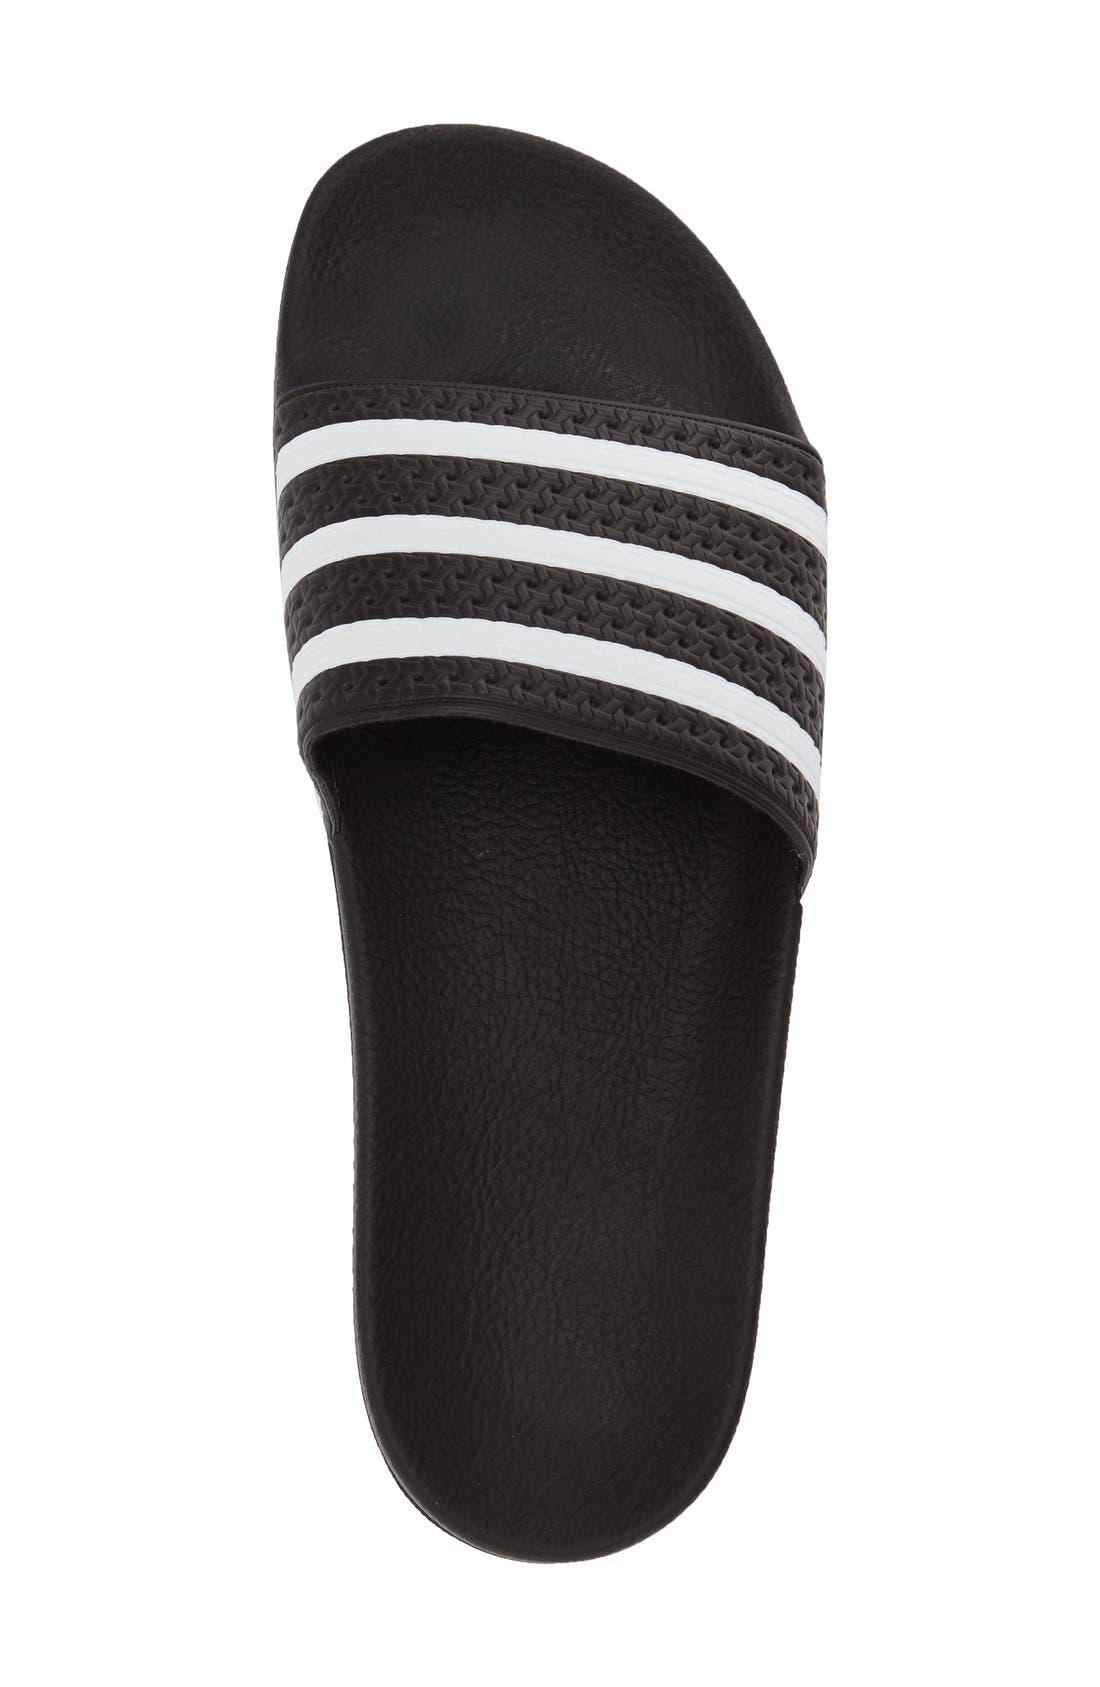 'Adilette' Slide Sandal,                             Alternate thumbnail 3, color,                             Black/ White/ Black